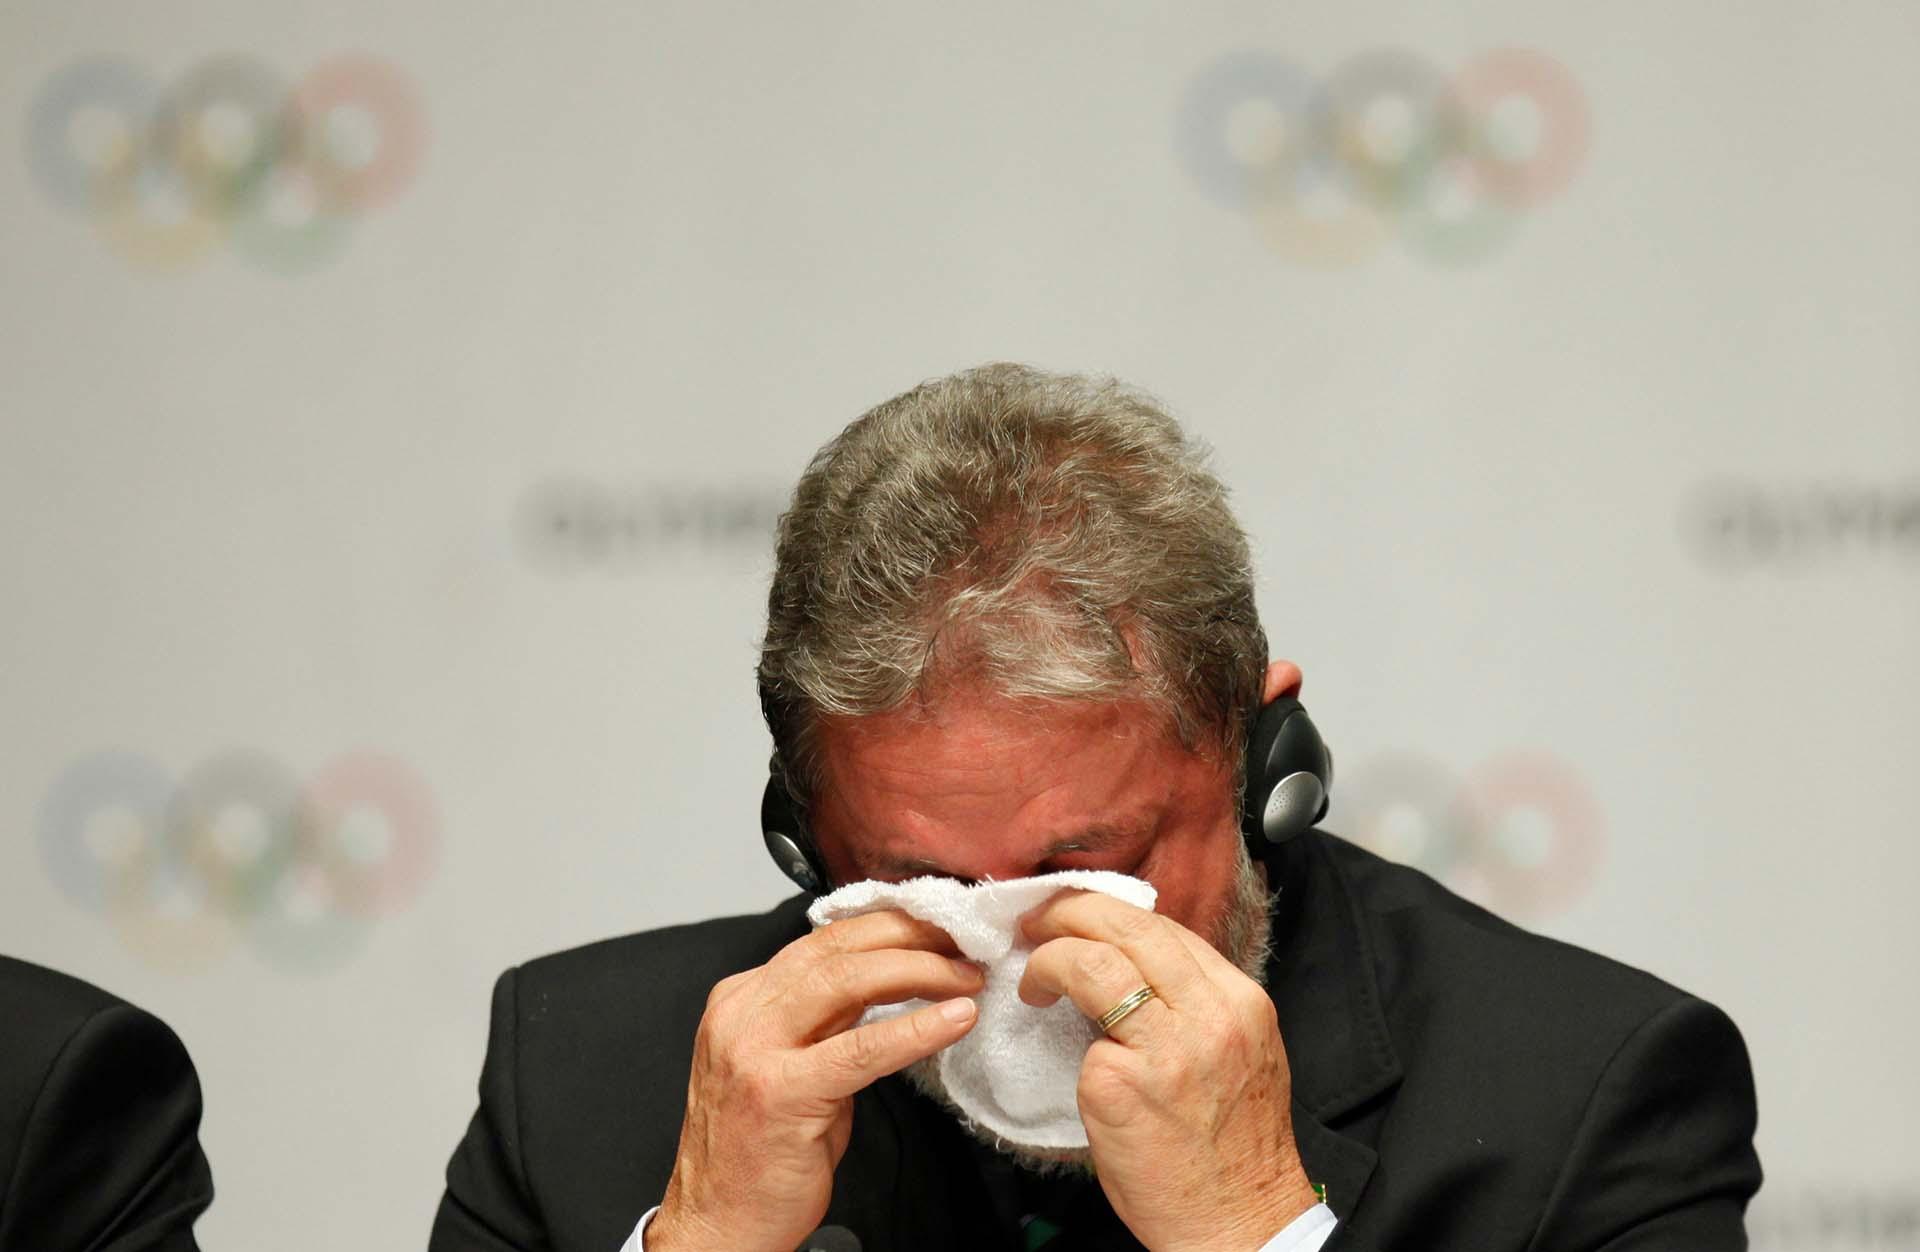 Lula emocionado luego de que Río de Janeiro fuera elegida como sede para los Juegos Olímpicos de 2016, durante un acto realizado en Copenhague, capital de Dinamarca (Reuters/Pawel Kopczynski)